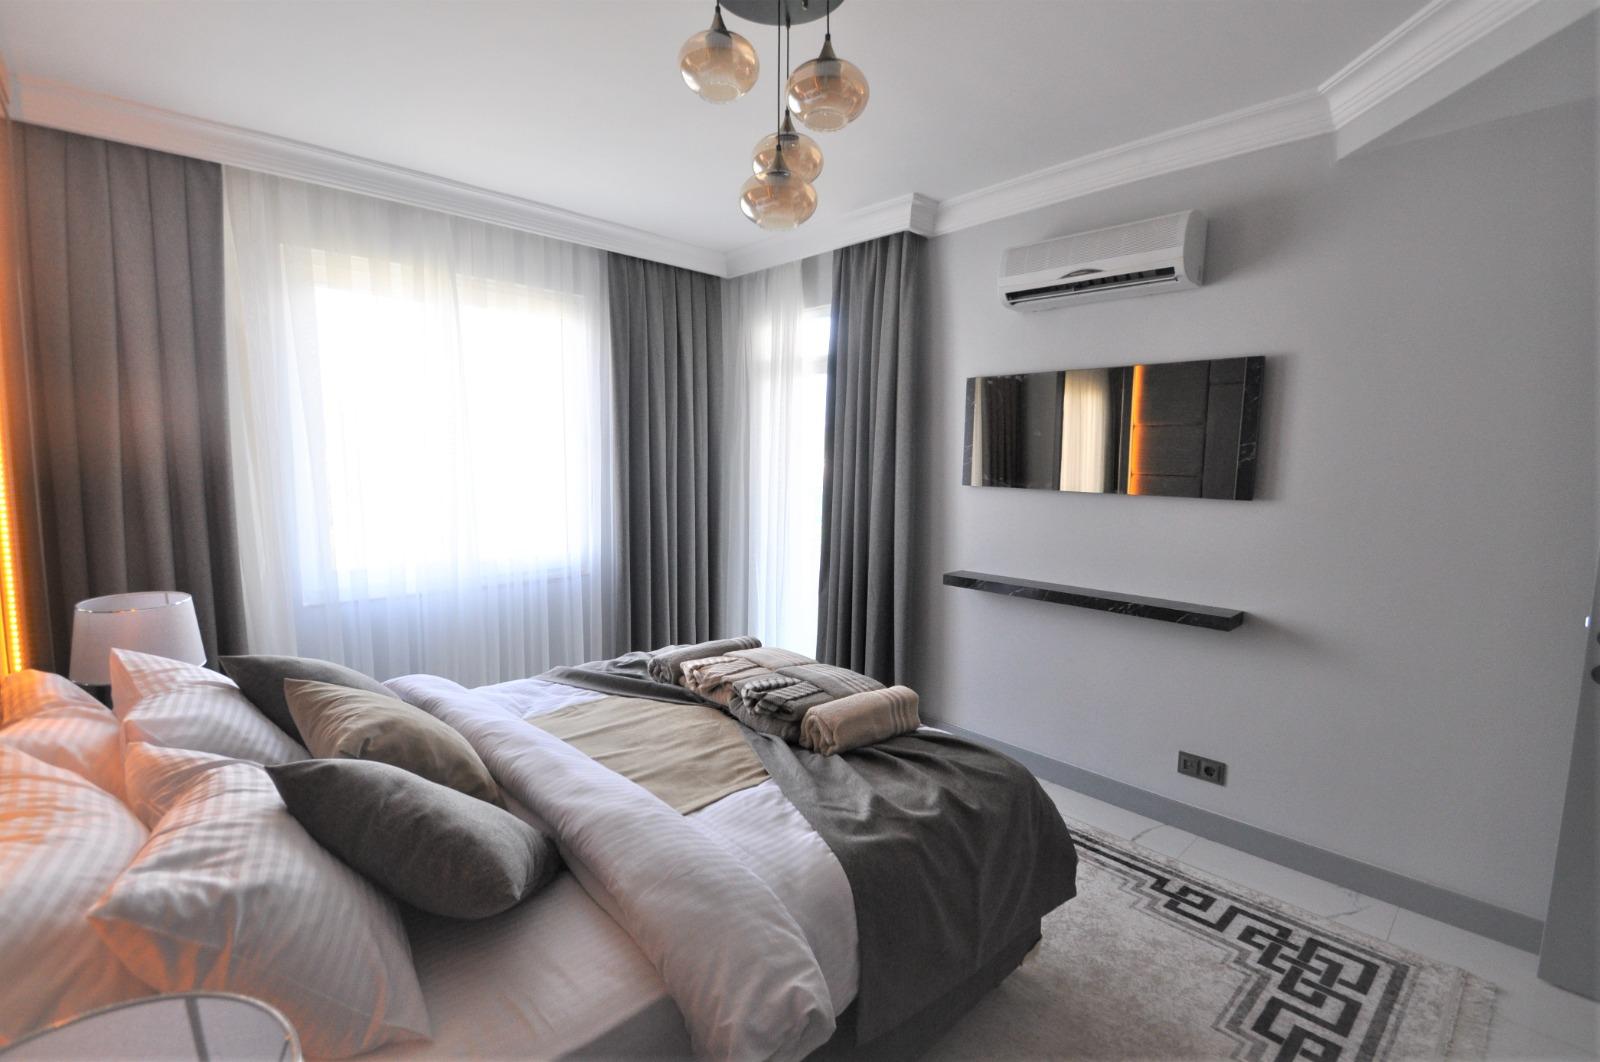 Просторная трёхкомнатная квартира с мебелью в Тосмуре - Фото 29